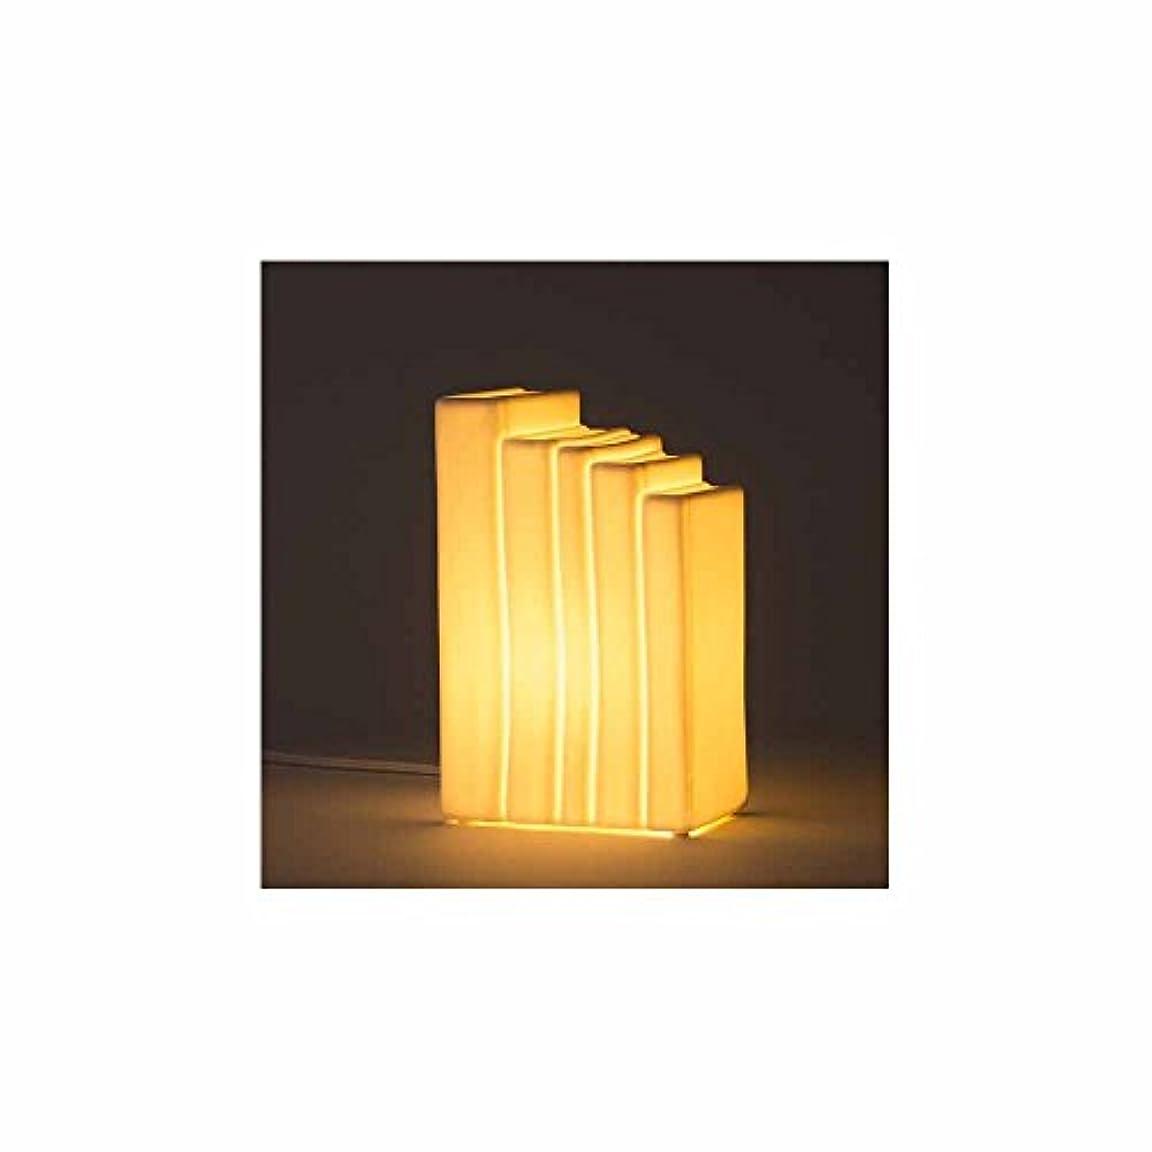 削除する配管埋めるBooks(ブックス) ランプ 76801100